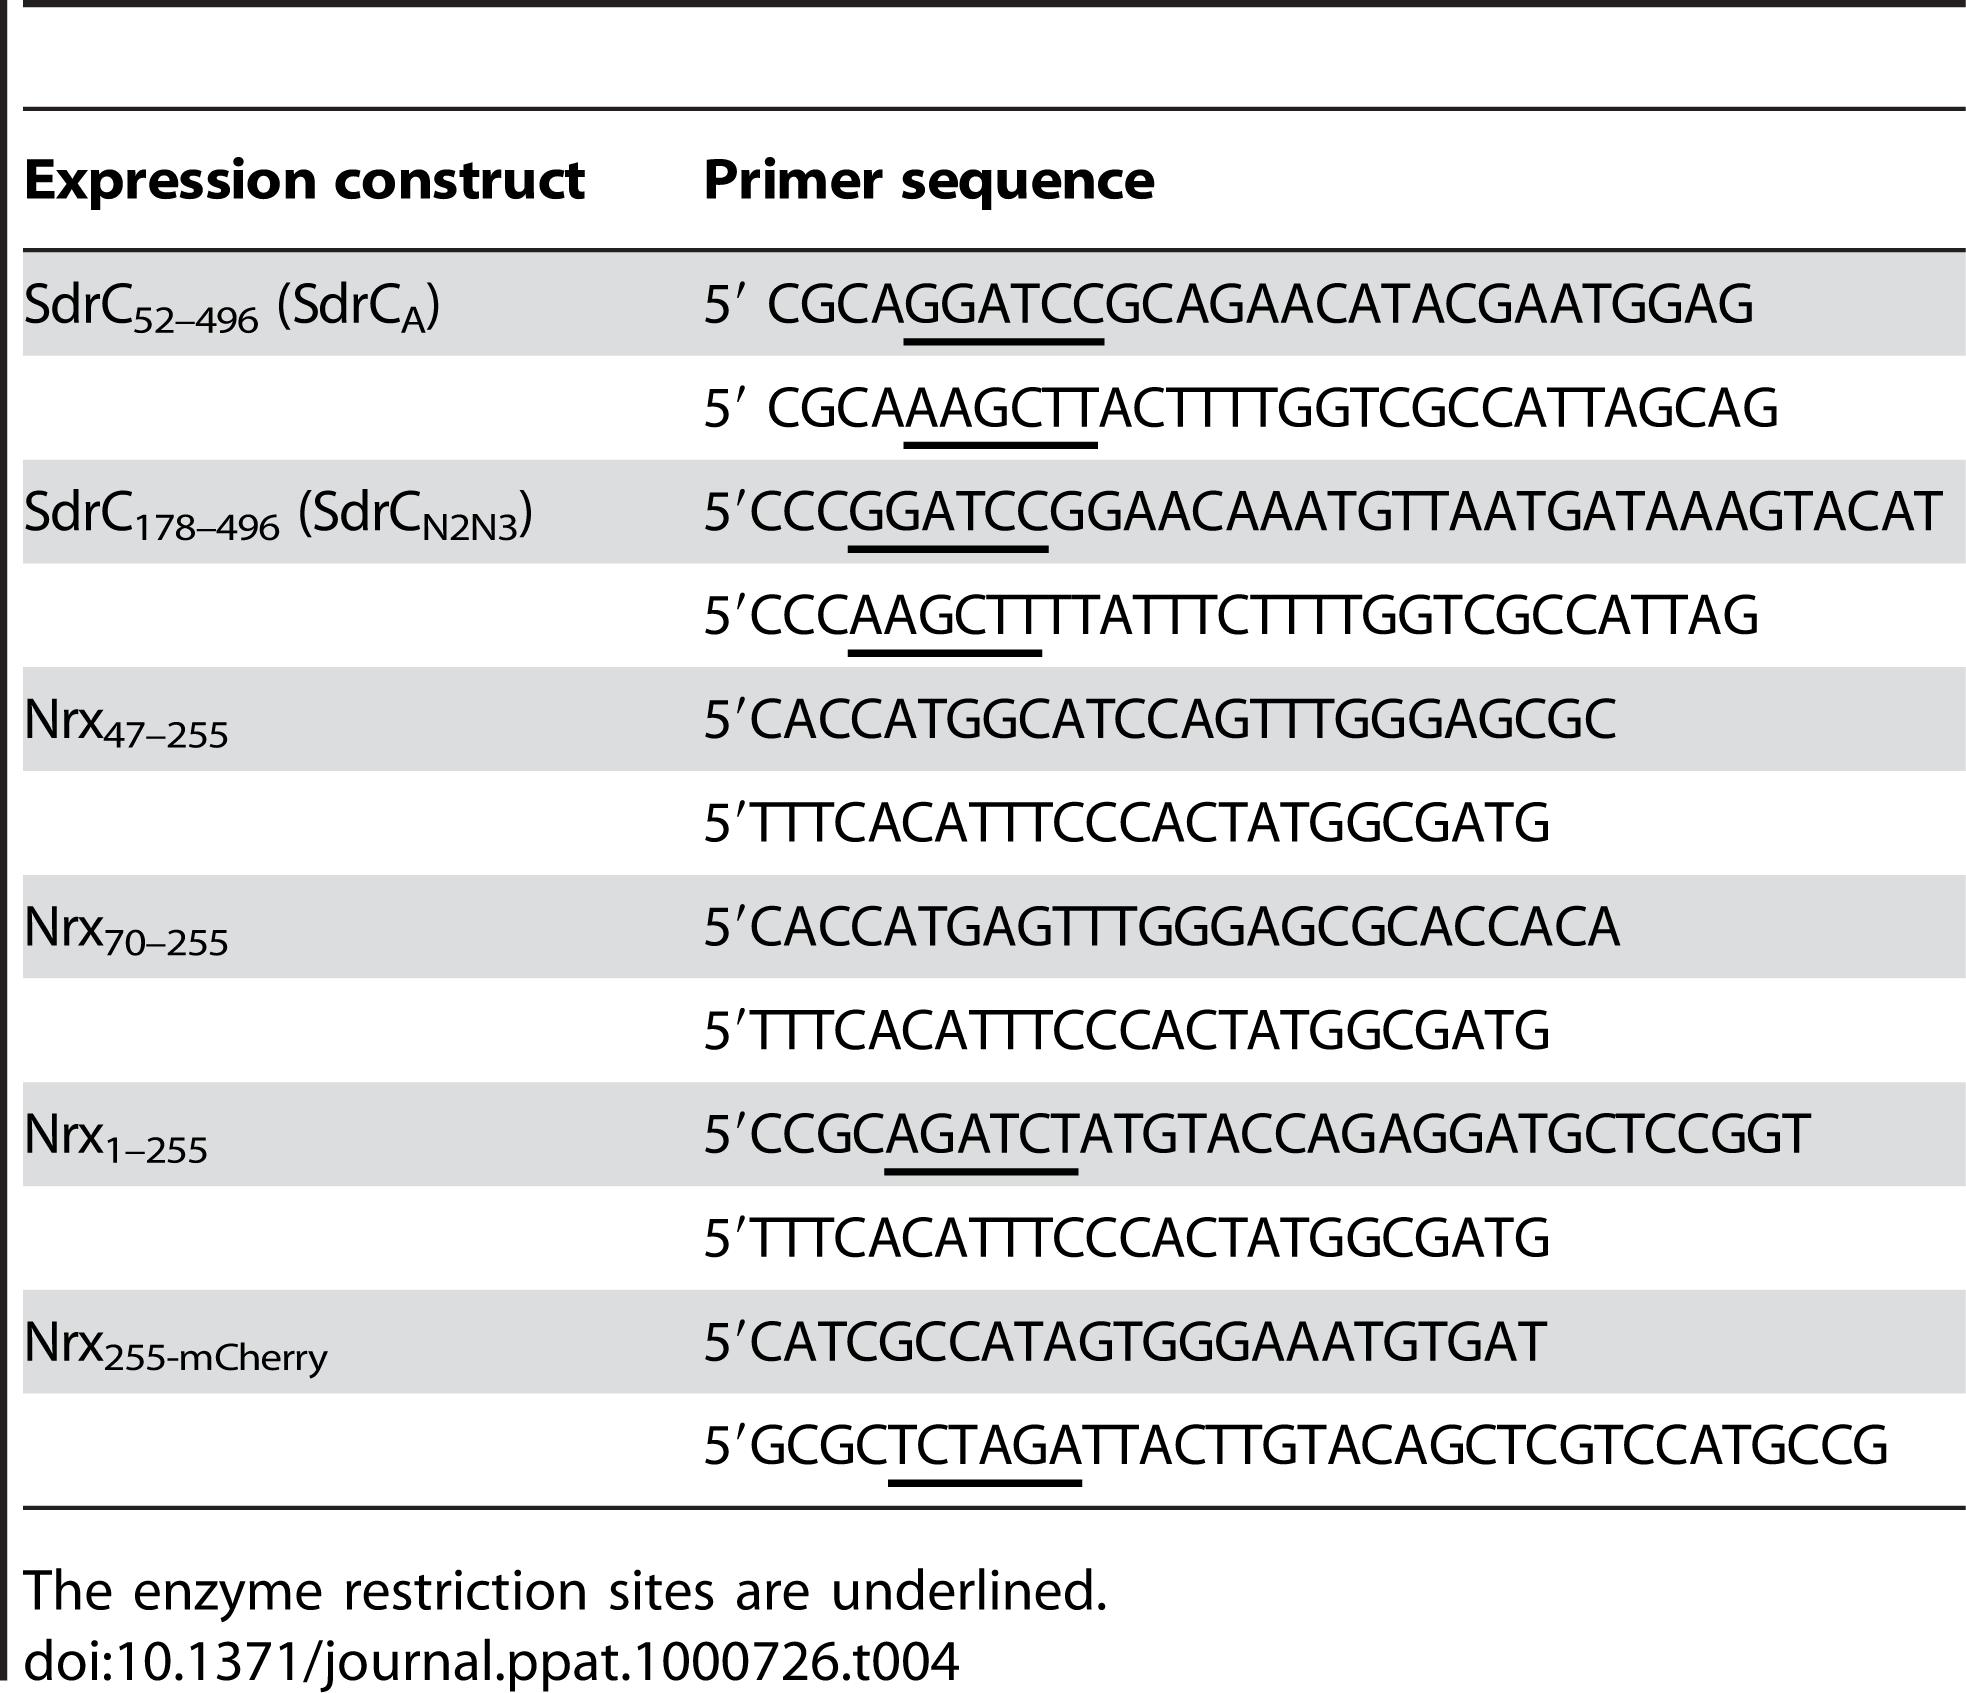 Oligonucleotide primers used to amplify gene fragments.